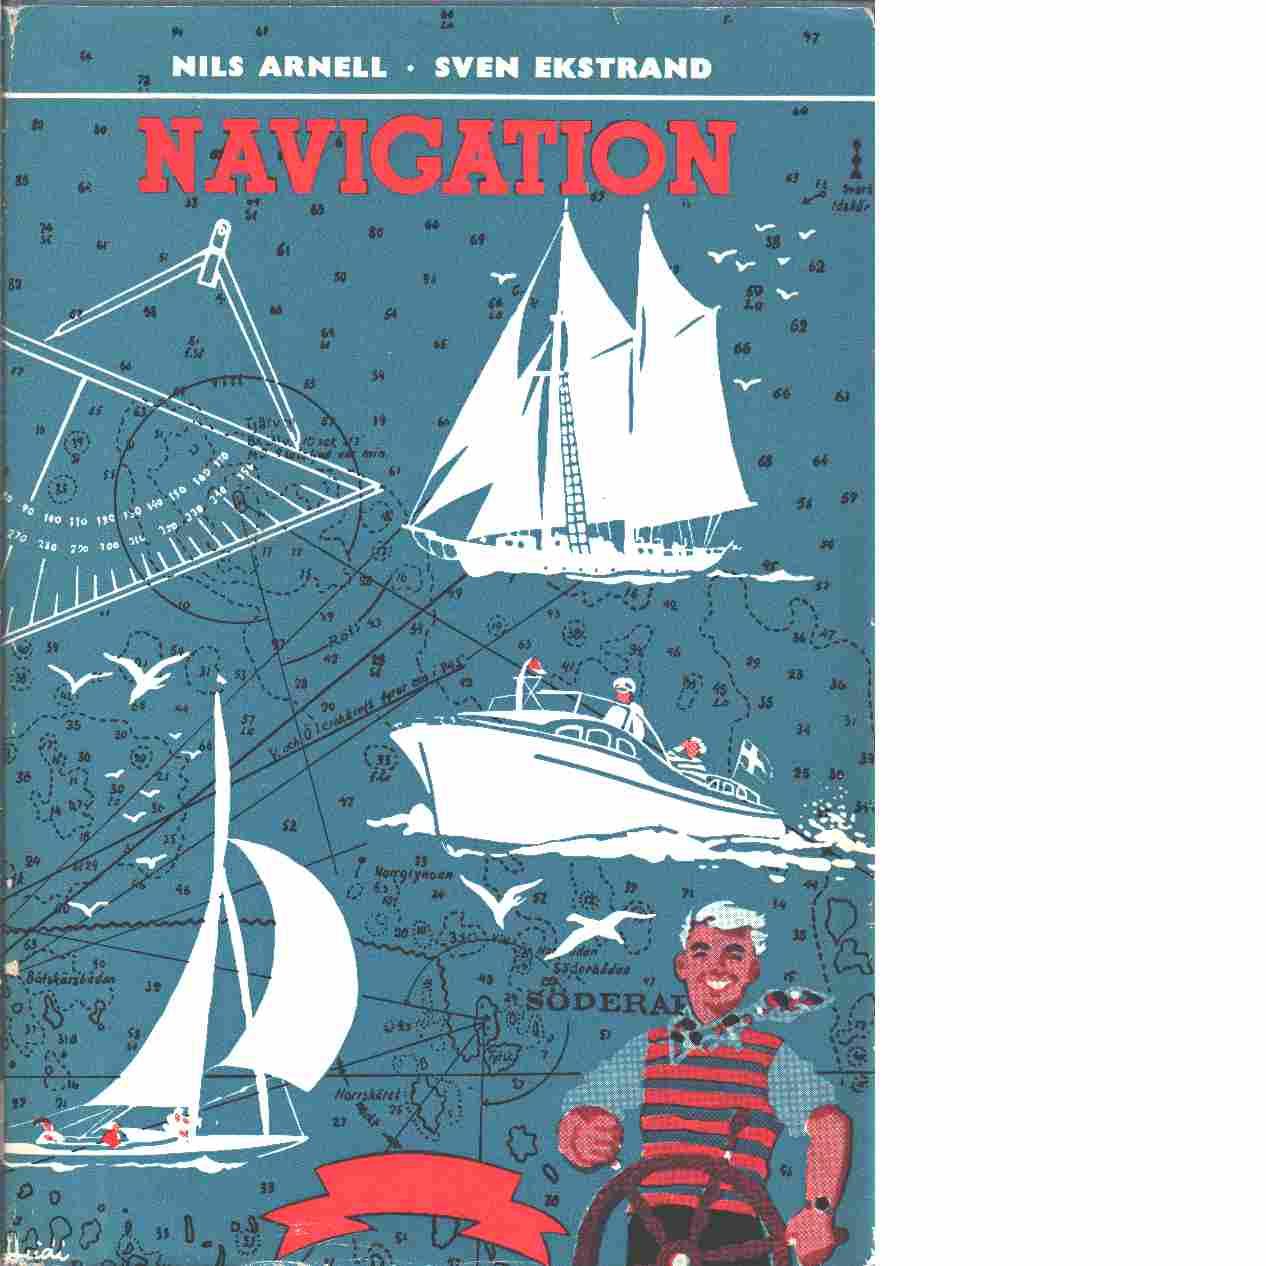 Navigation - Arnell. Nils och Ekstrand. Sven